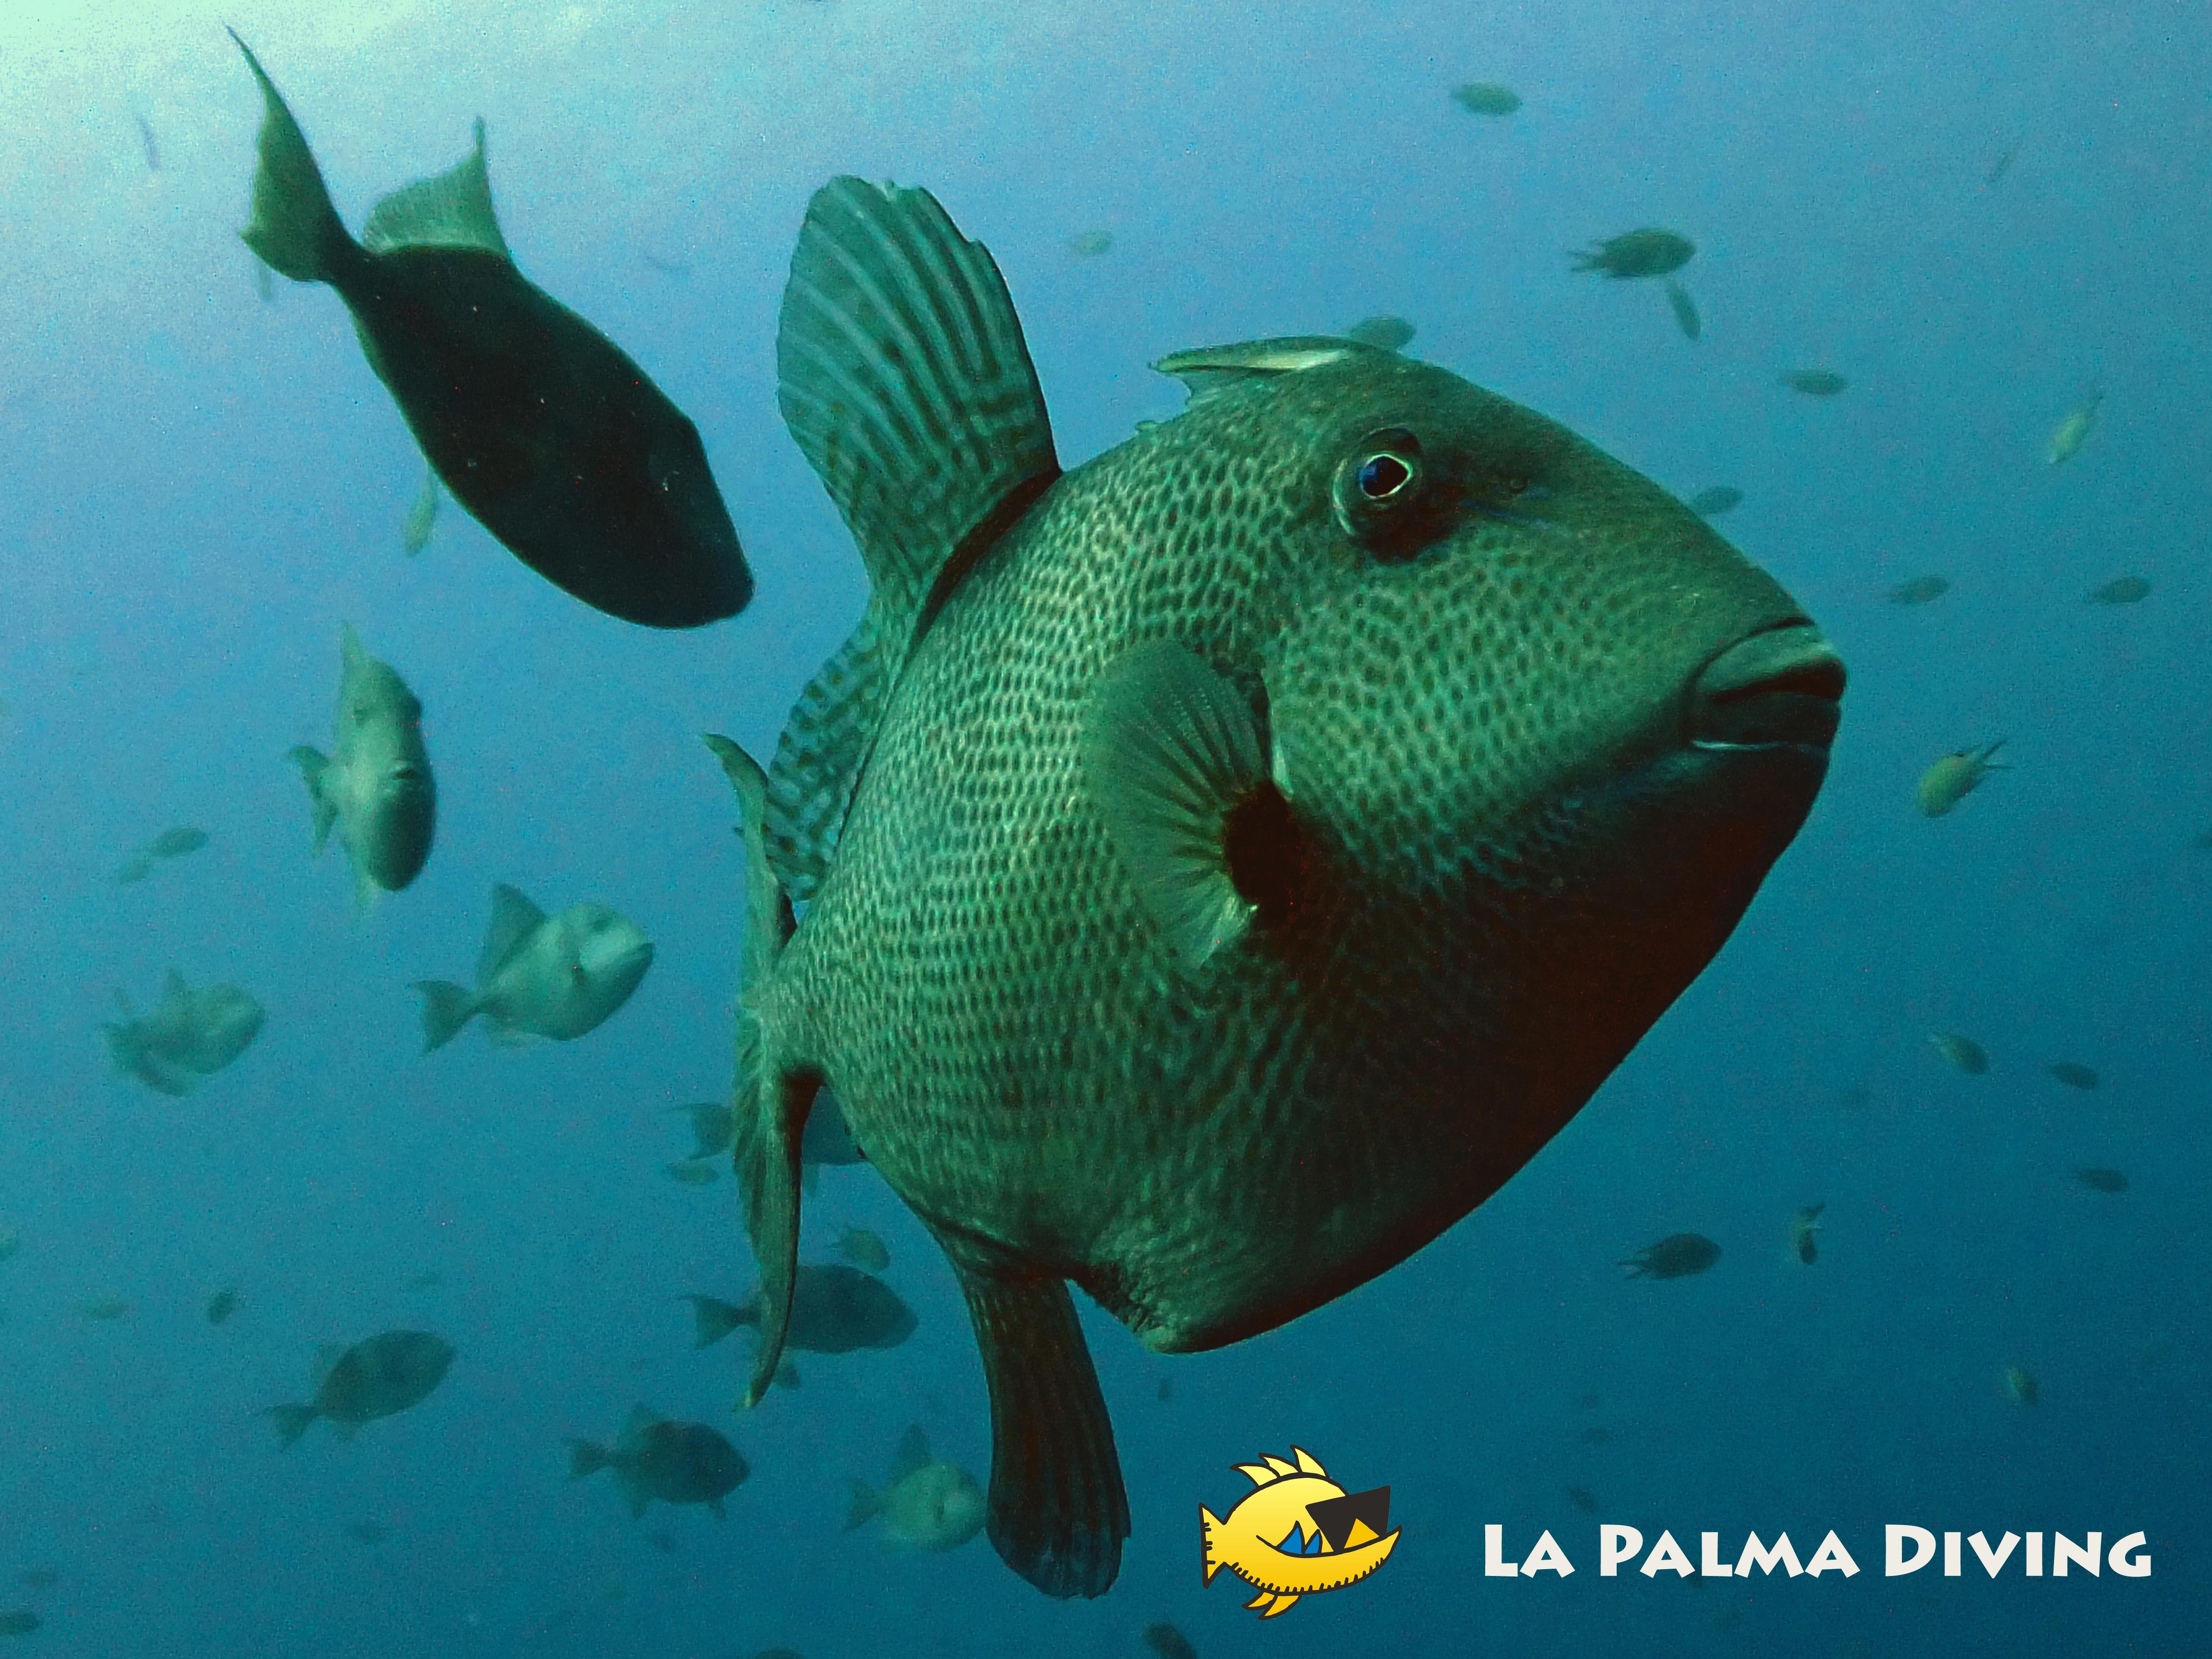 La Palma Diving